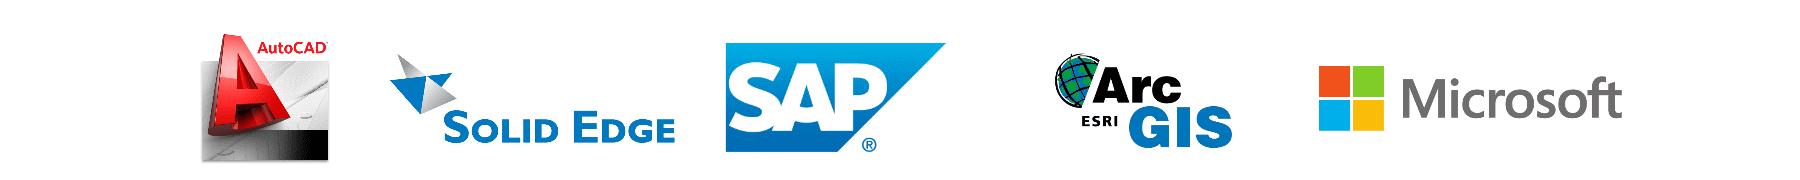 SW-logos